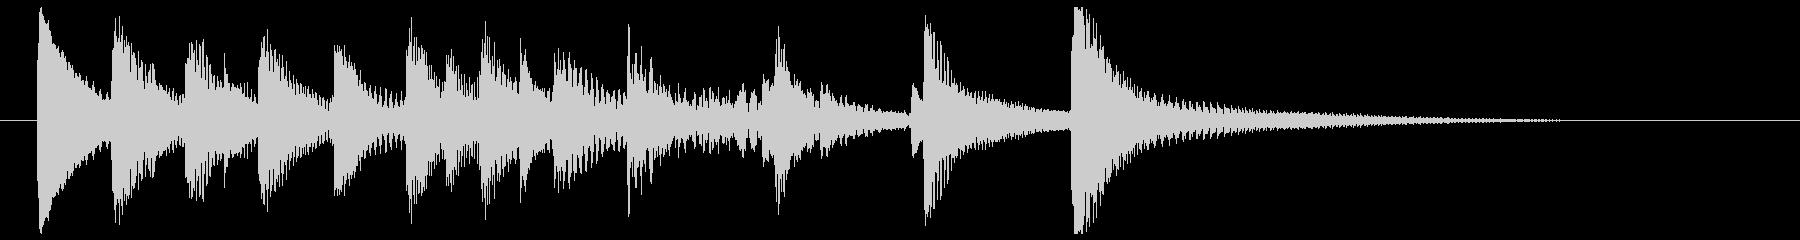 お茶目なマリンバのキュートなジングルの未再生の波形